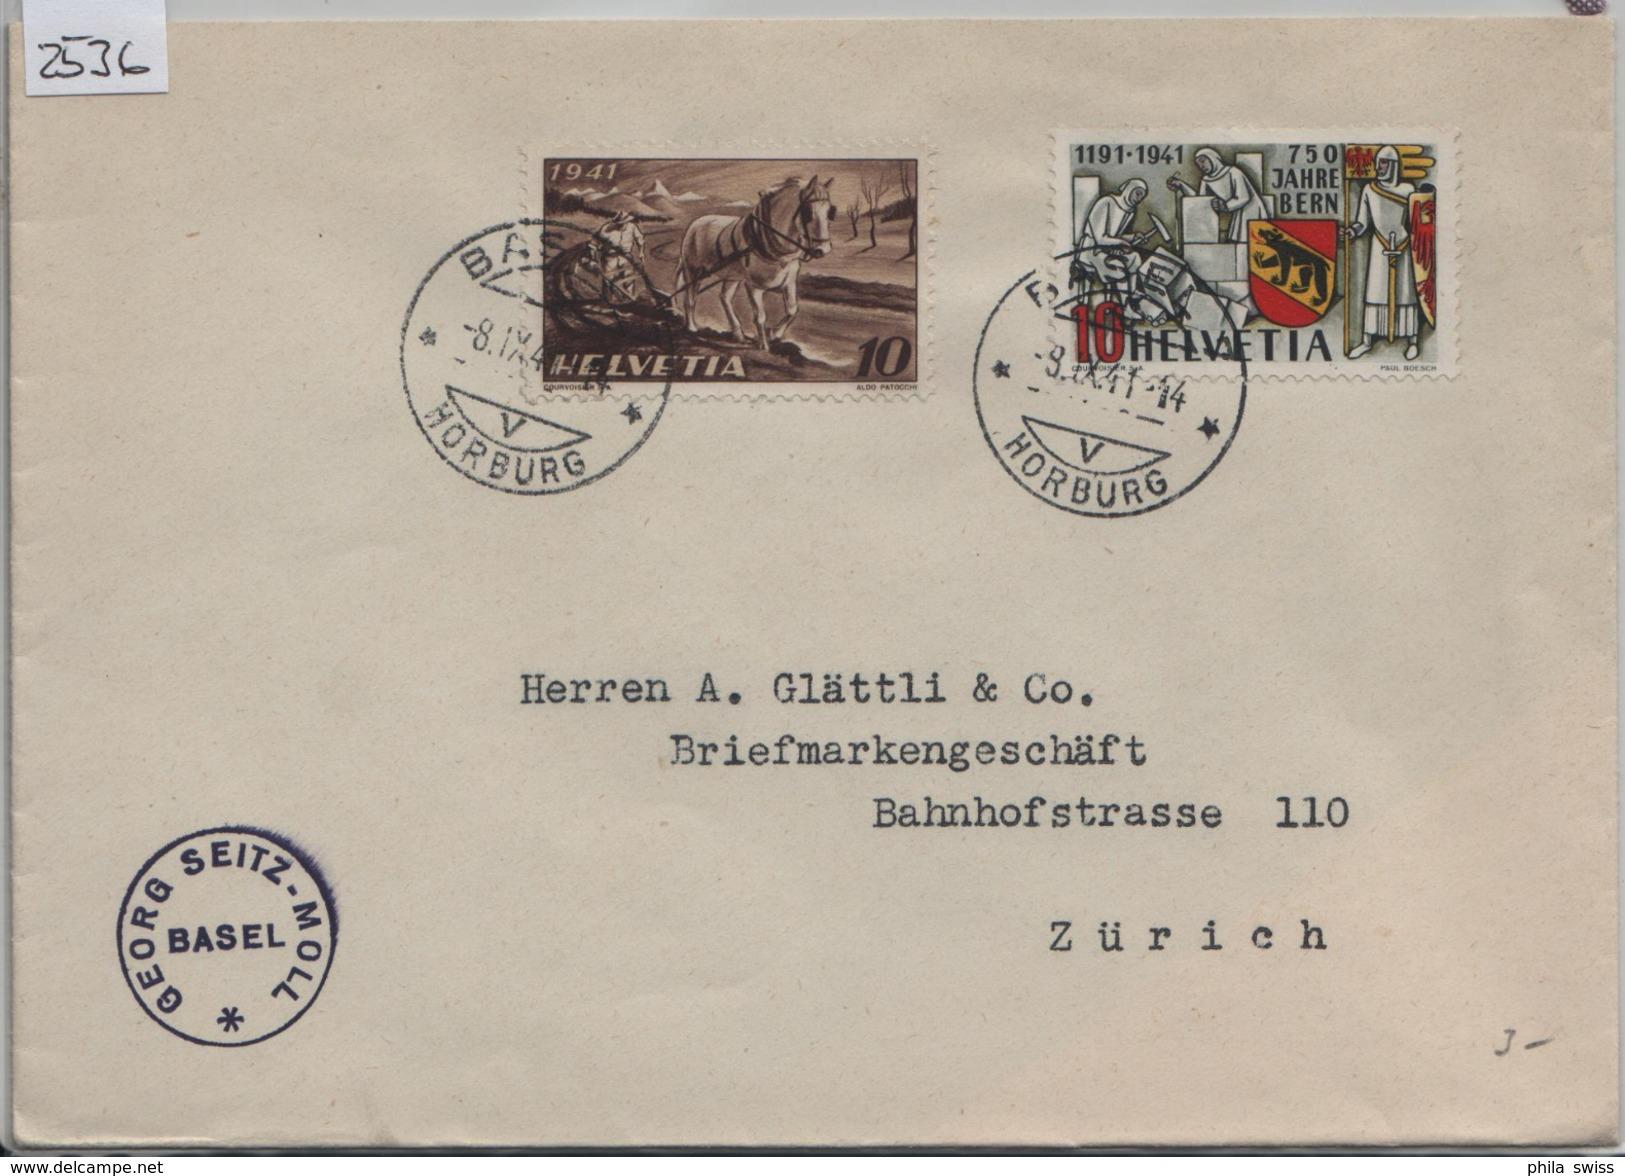 1941 750 Jahre Bern 253/398 252/386 Anbauwerk - Stempel: Basel Horburg Nach Zürich - Schweiz